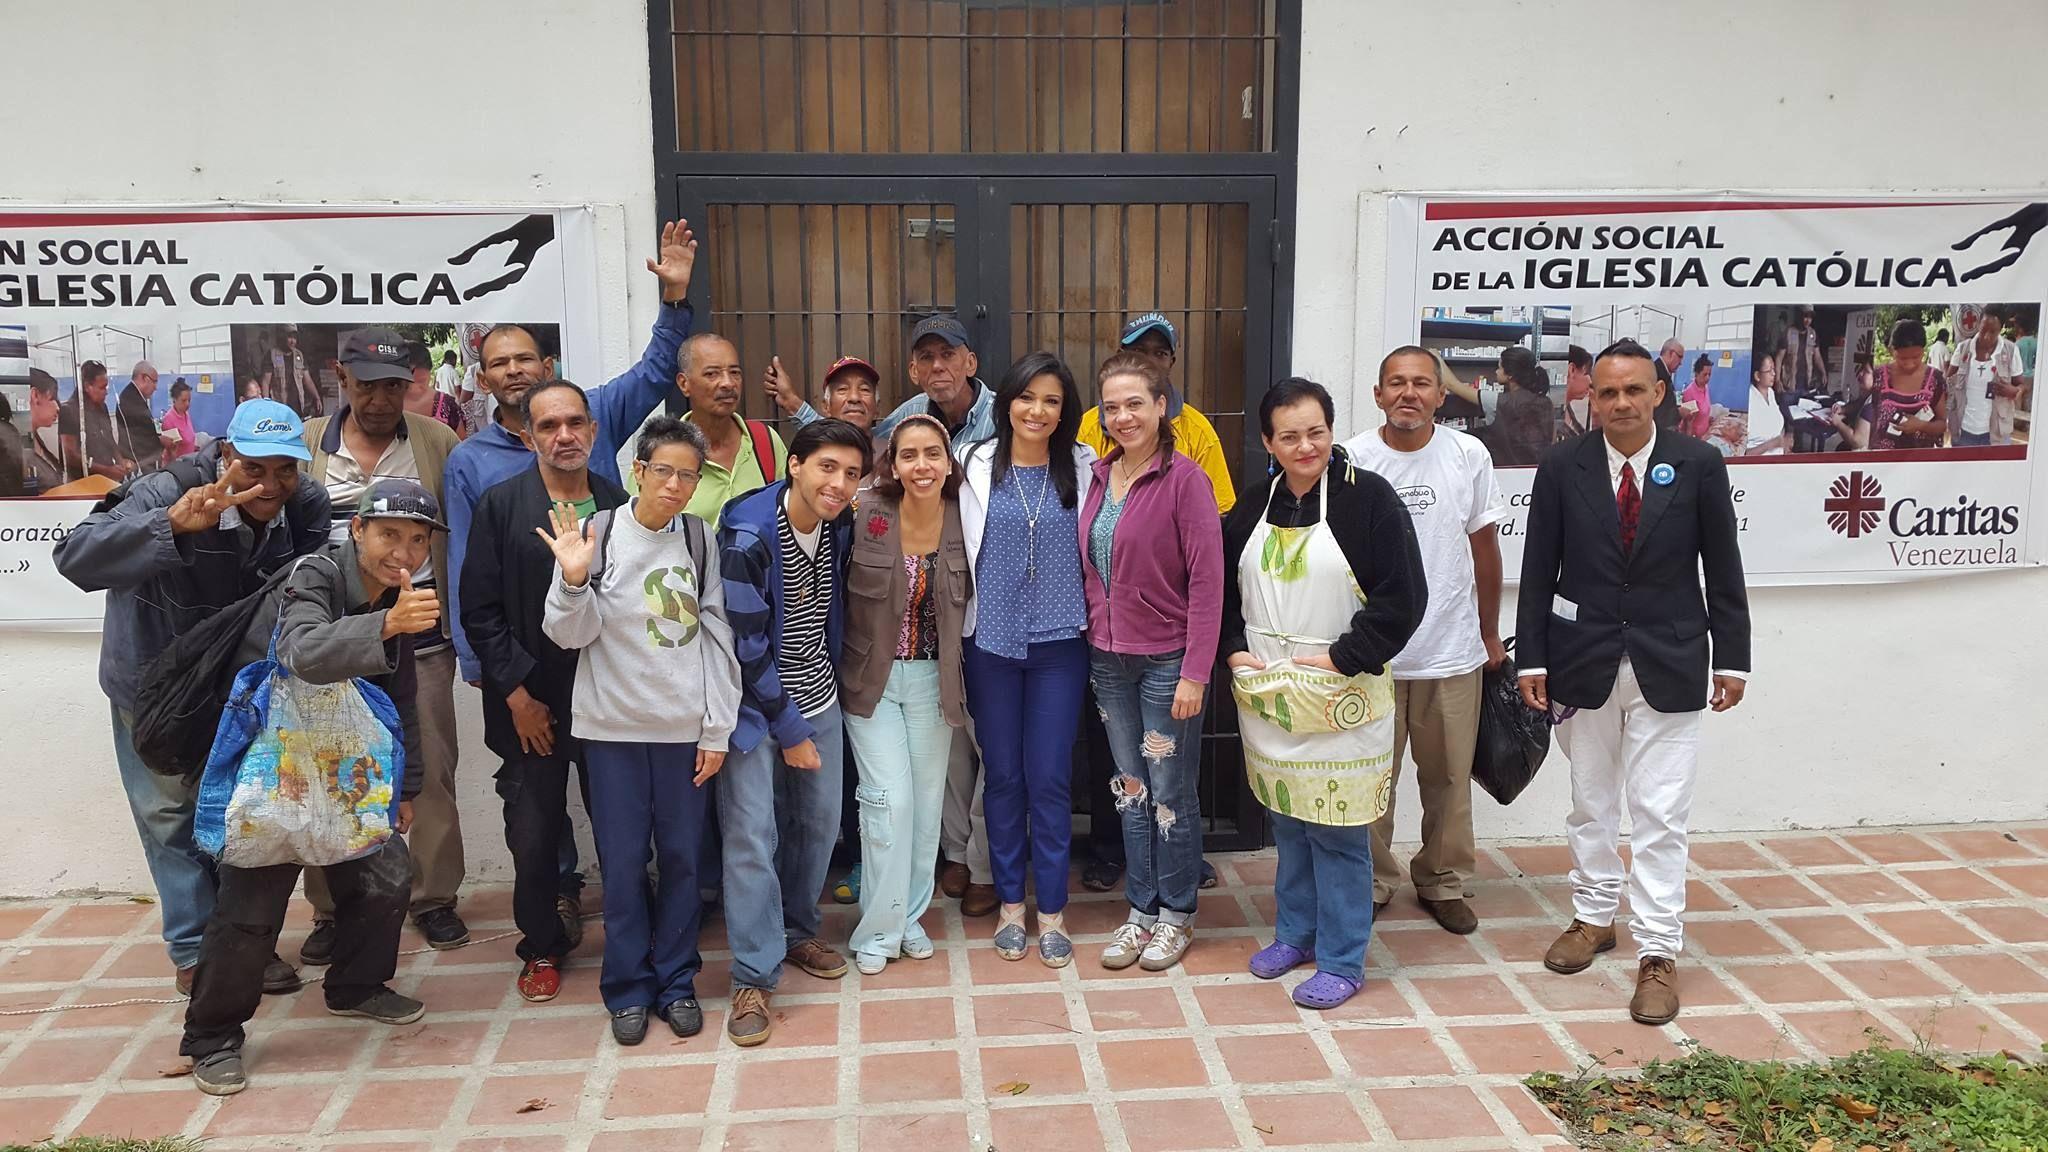 Solidaridad: 'Llenemos las ollas' en Venezuela